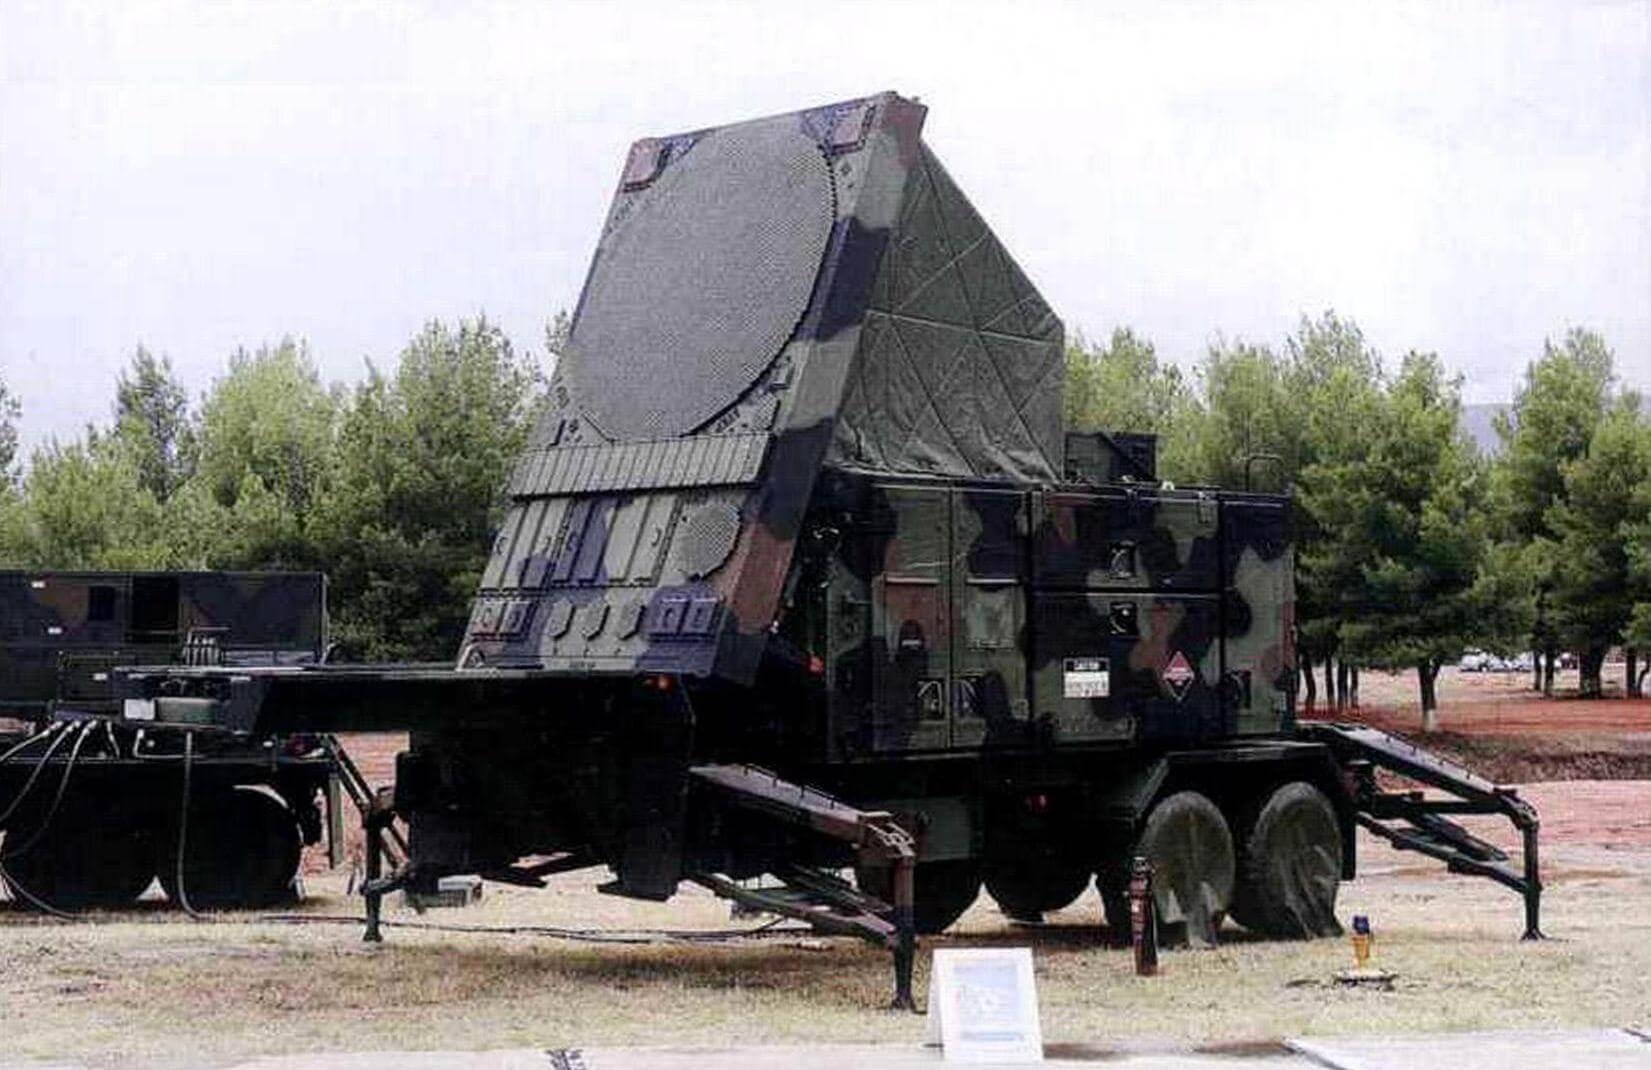 Радиолокационная станция AN/MPQ-53 - сердце комплекса «Пэтриот». Во время боевой работы антенна станции AN/MPQ-53 остается неподвижной и направлена в угрожаемую сторону.